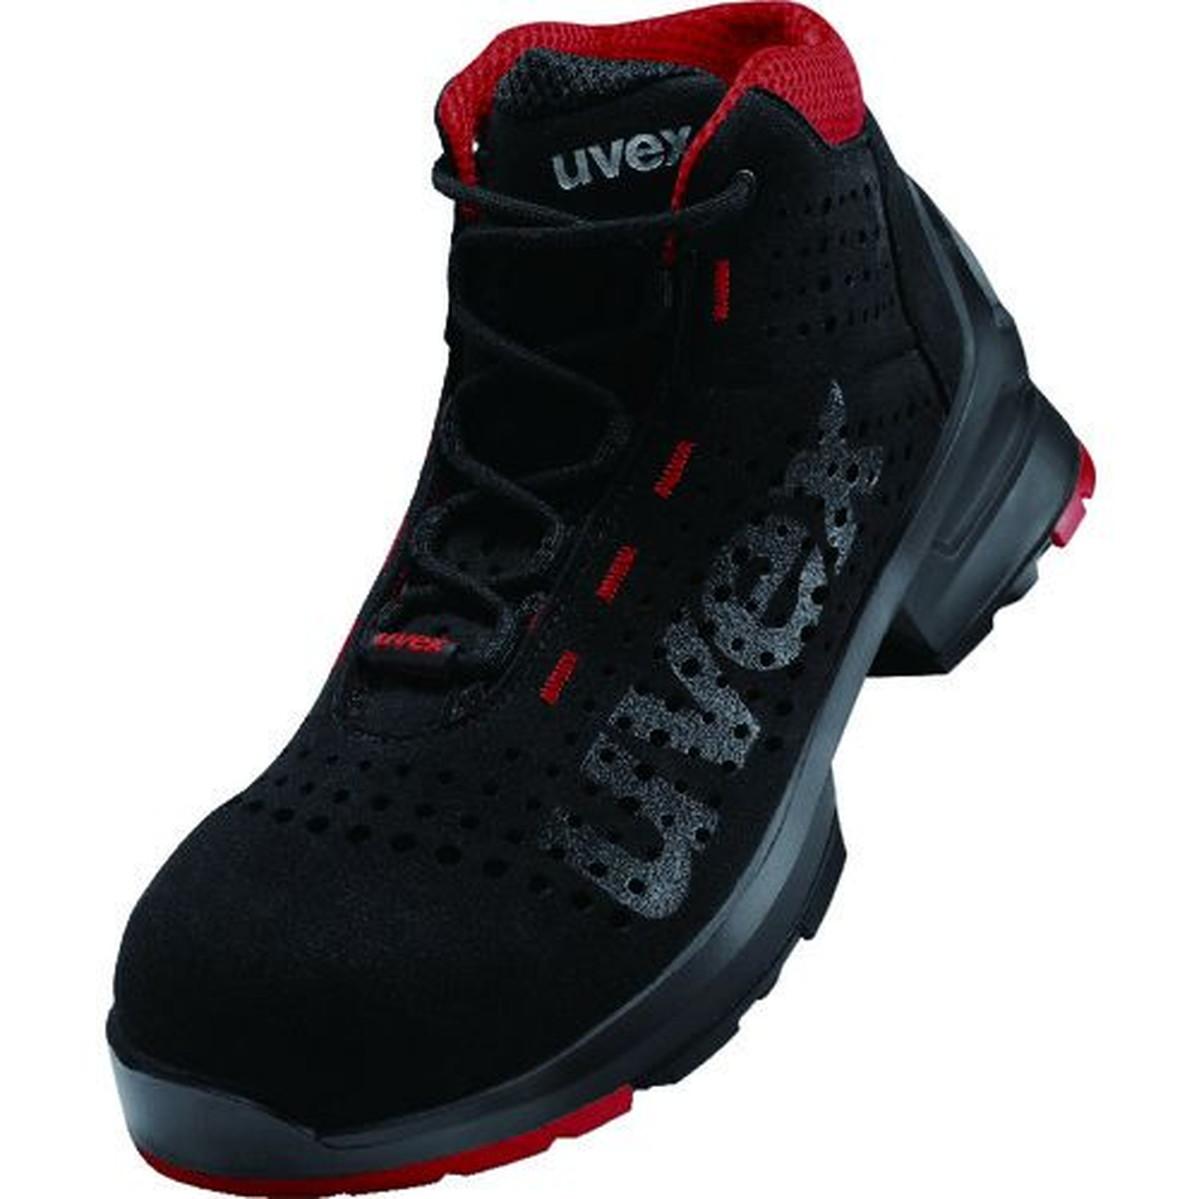 最新入荷 UVEX UVEX ブーツ ブラック ブラック ブーツ 29.0CM 1足, PandaSelection:3e618033 --- bungsu.net